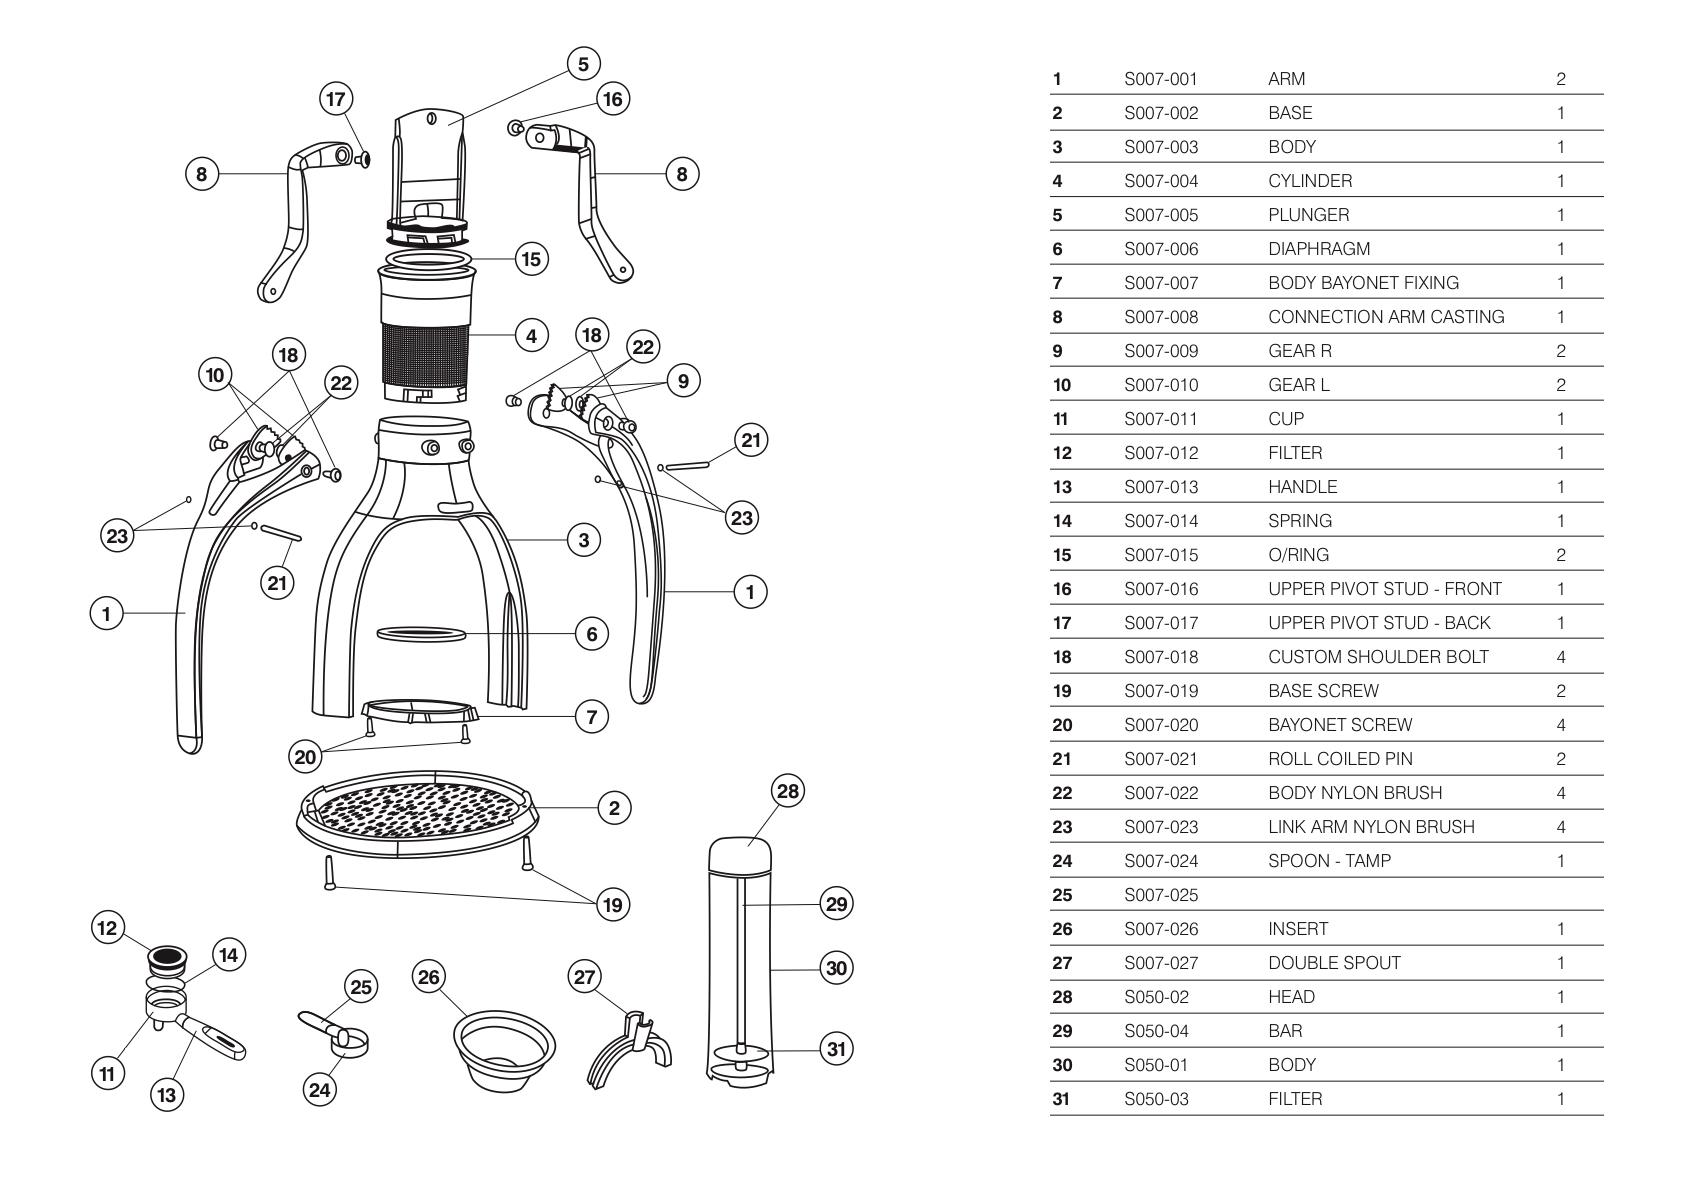 Rok Espresso Maker Diagrams And Manuals